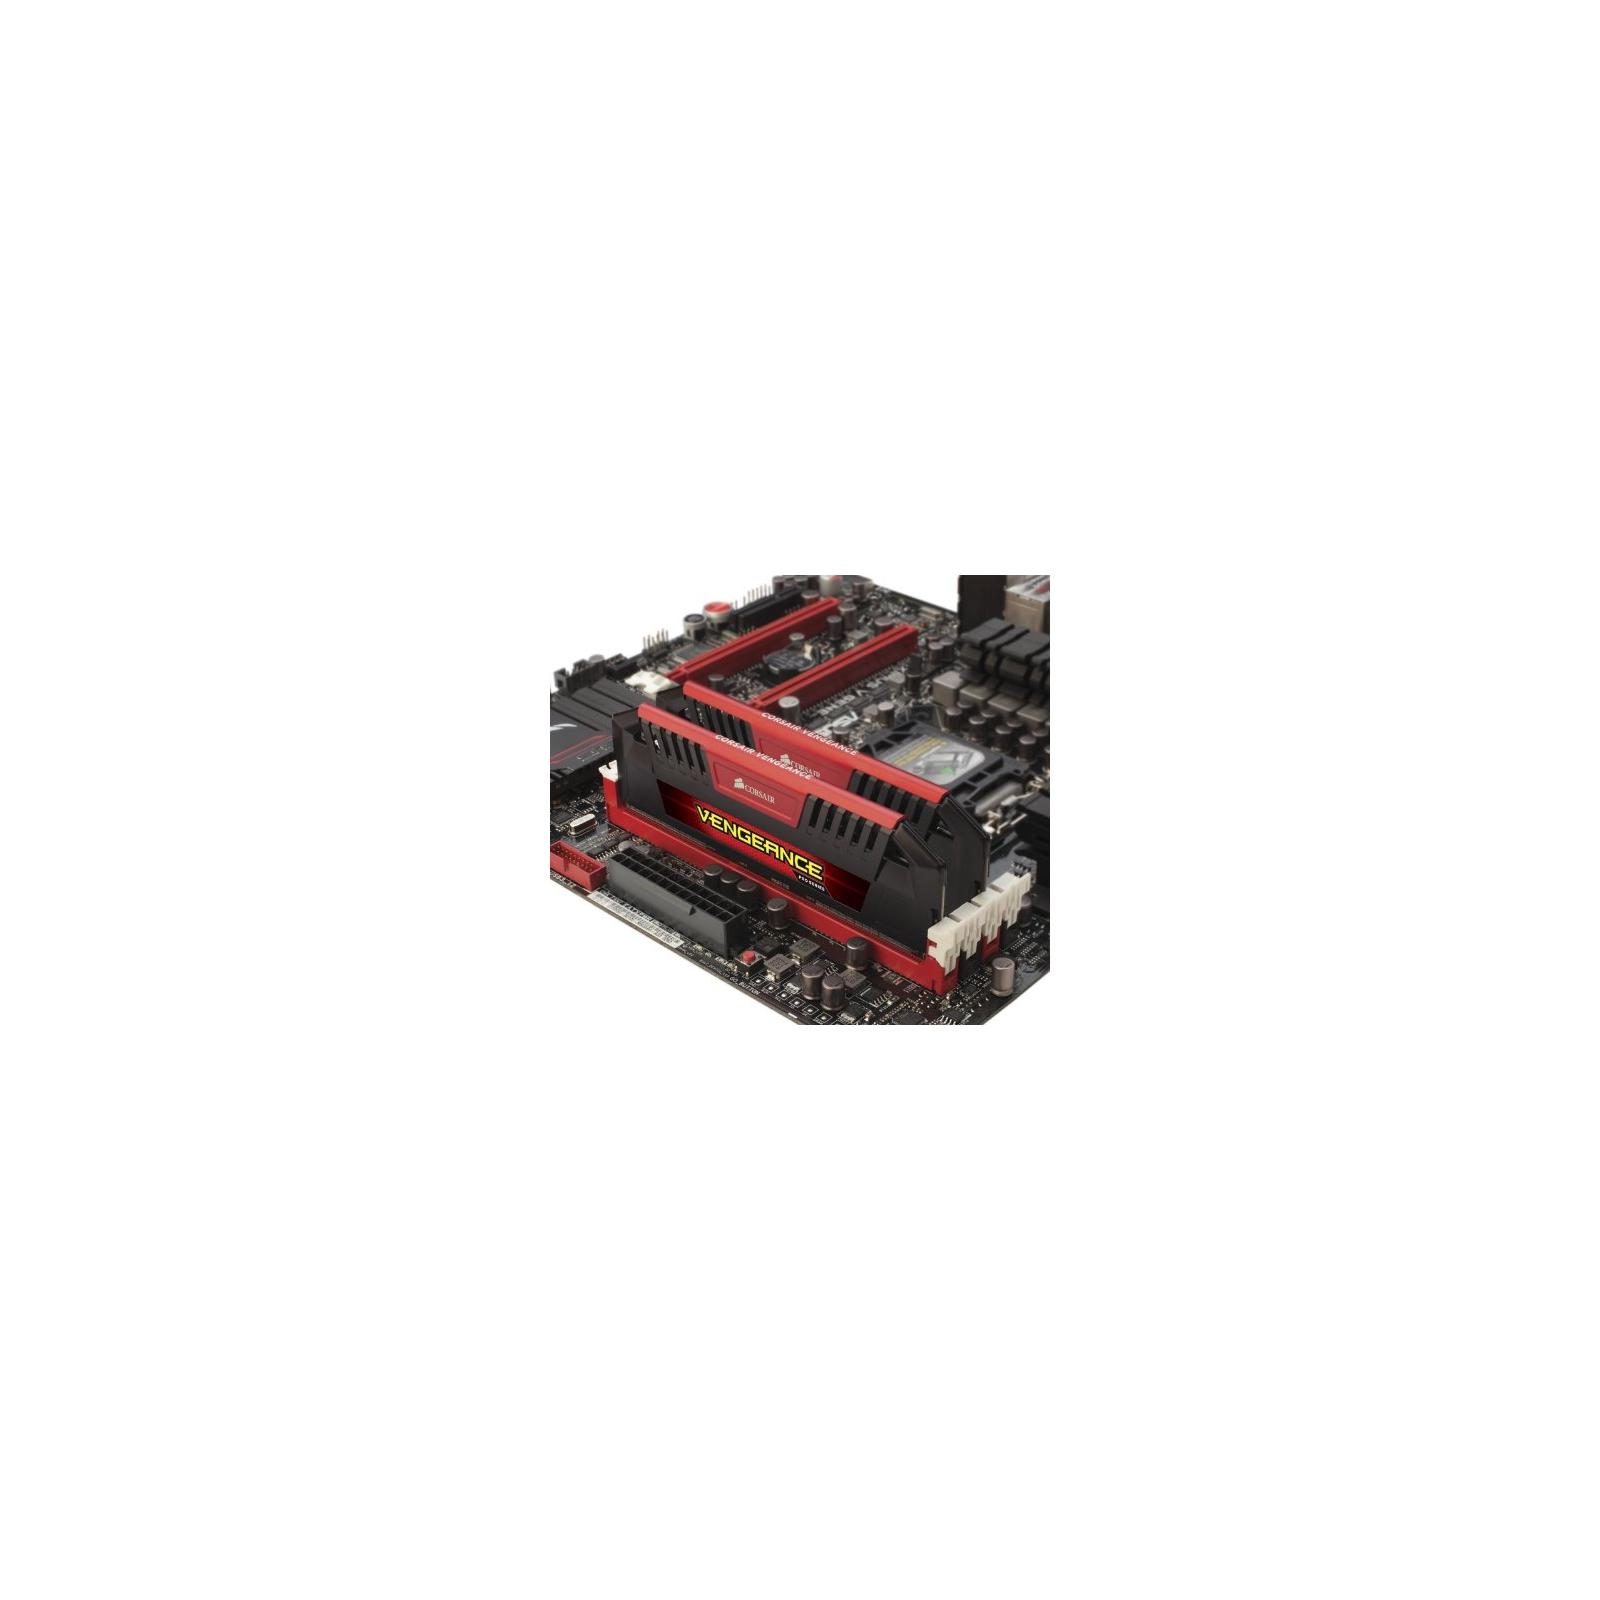 Модуль памяти для компьютера DDR3 8GB (2x4GB) 1866 MHz CORSAIR (CMY8GX3M2A1866C9R) изображение 2